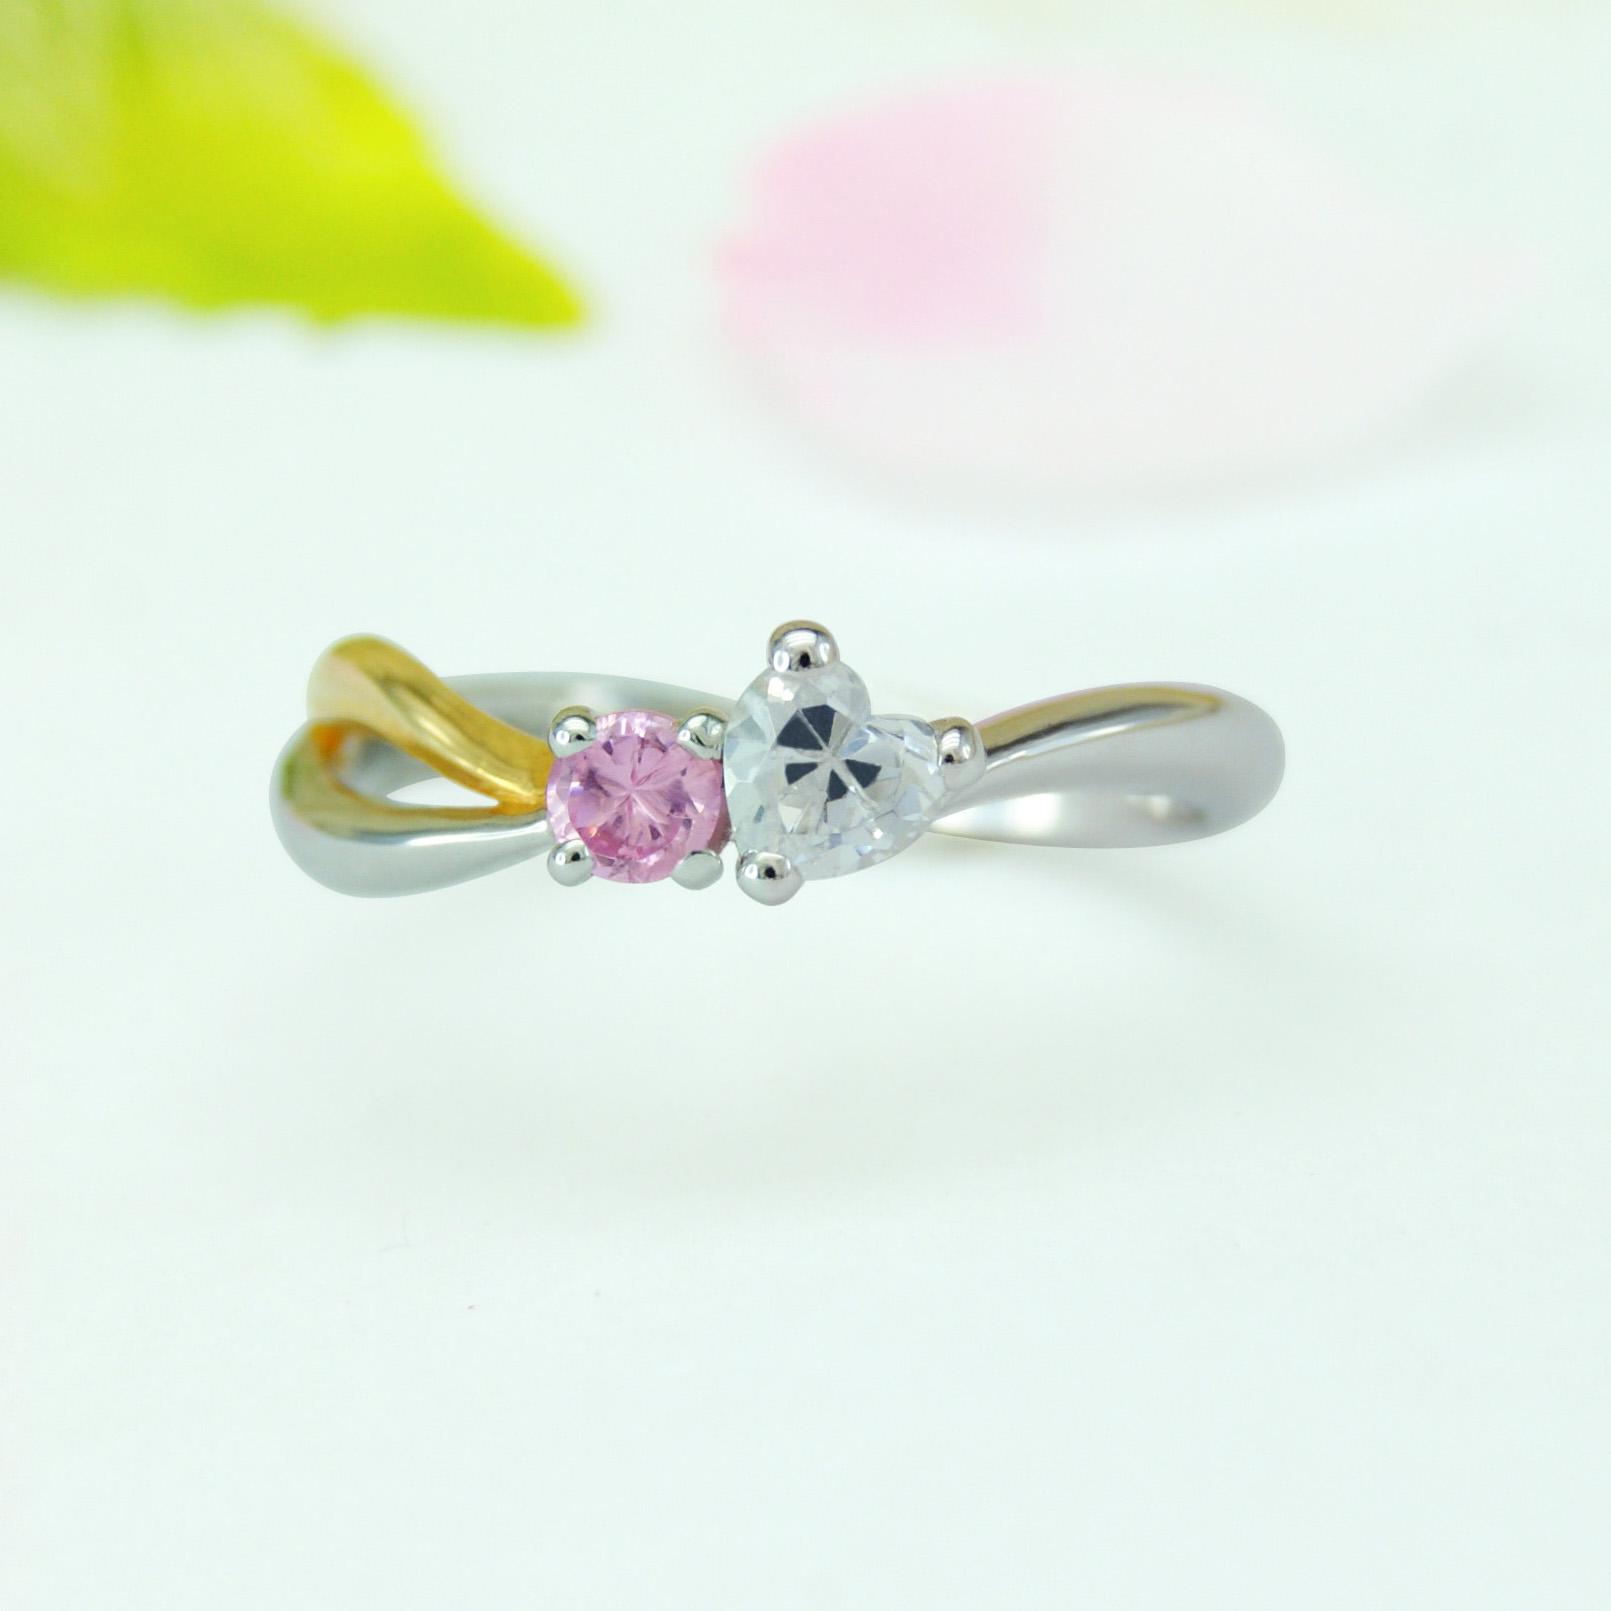 世界に一つだけの結婚指輪 kazariyaYui 福島県郡山市 婚約指輪 ハート